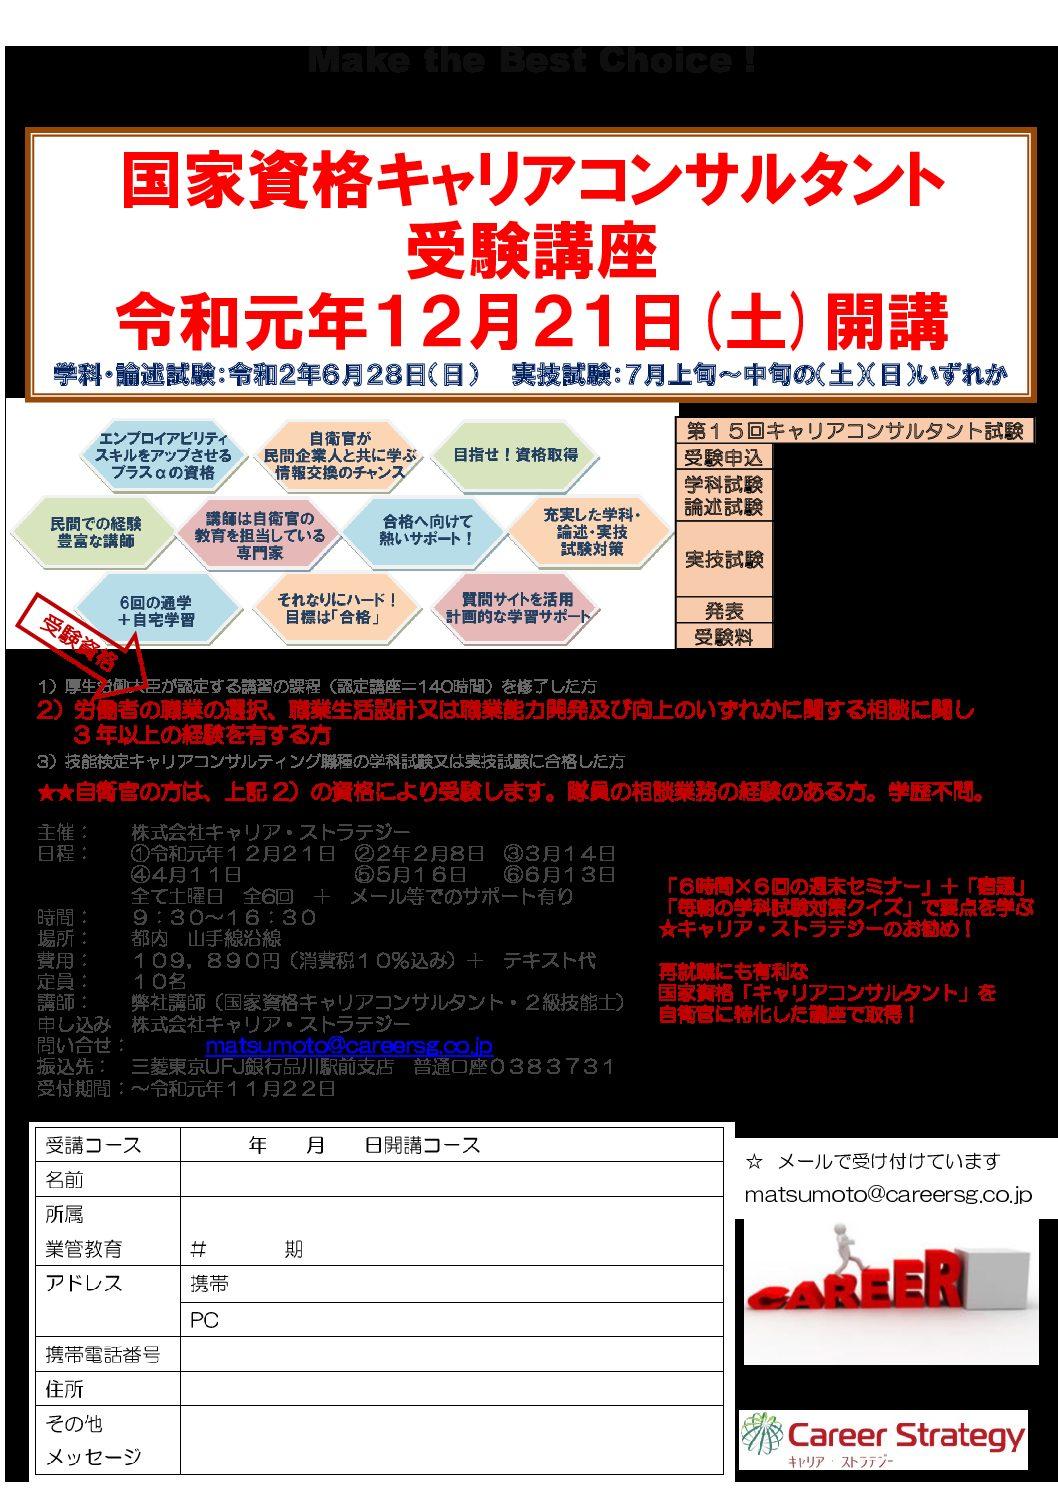 サムネイル:国家資格キャリアコンサルタント受験講座12月21日(土)開講